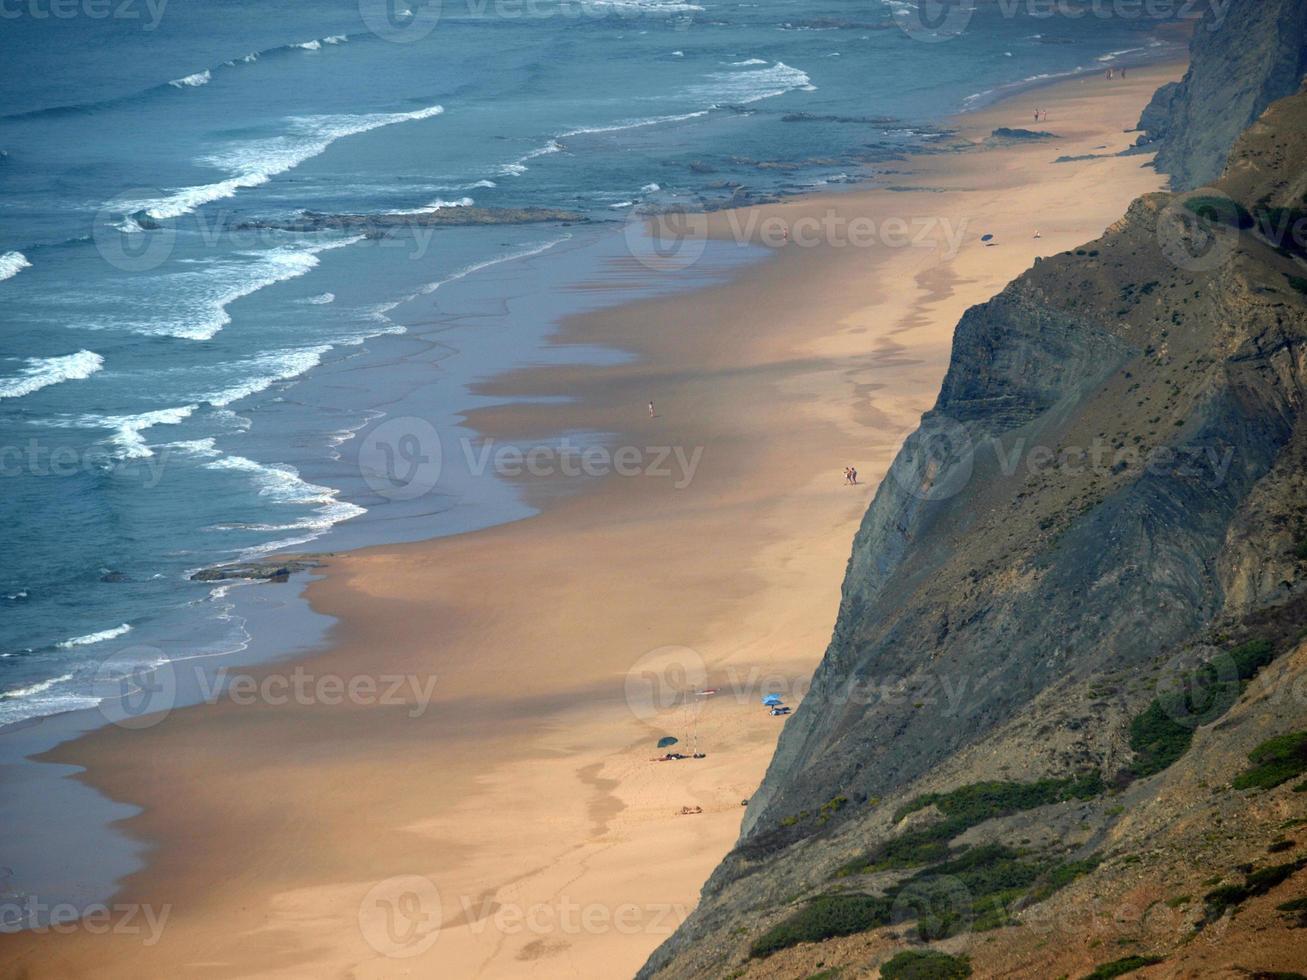 cordoama beach nära vila do bispo, algarve foto